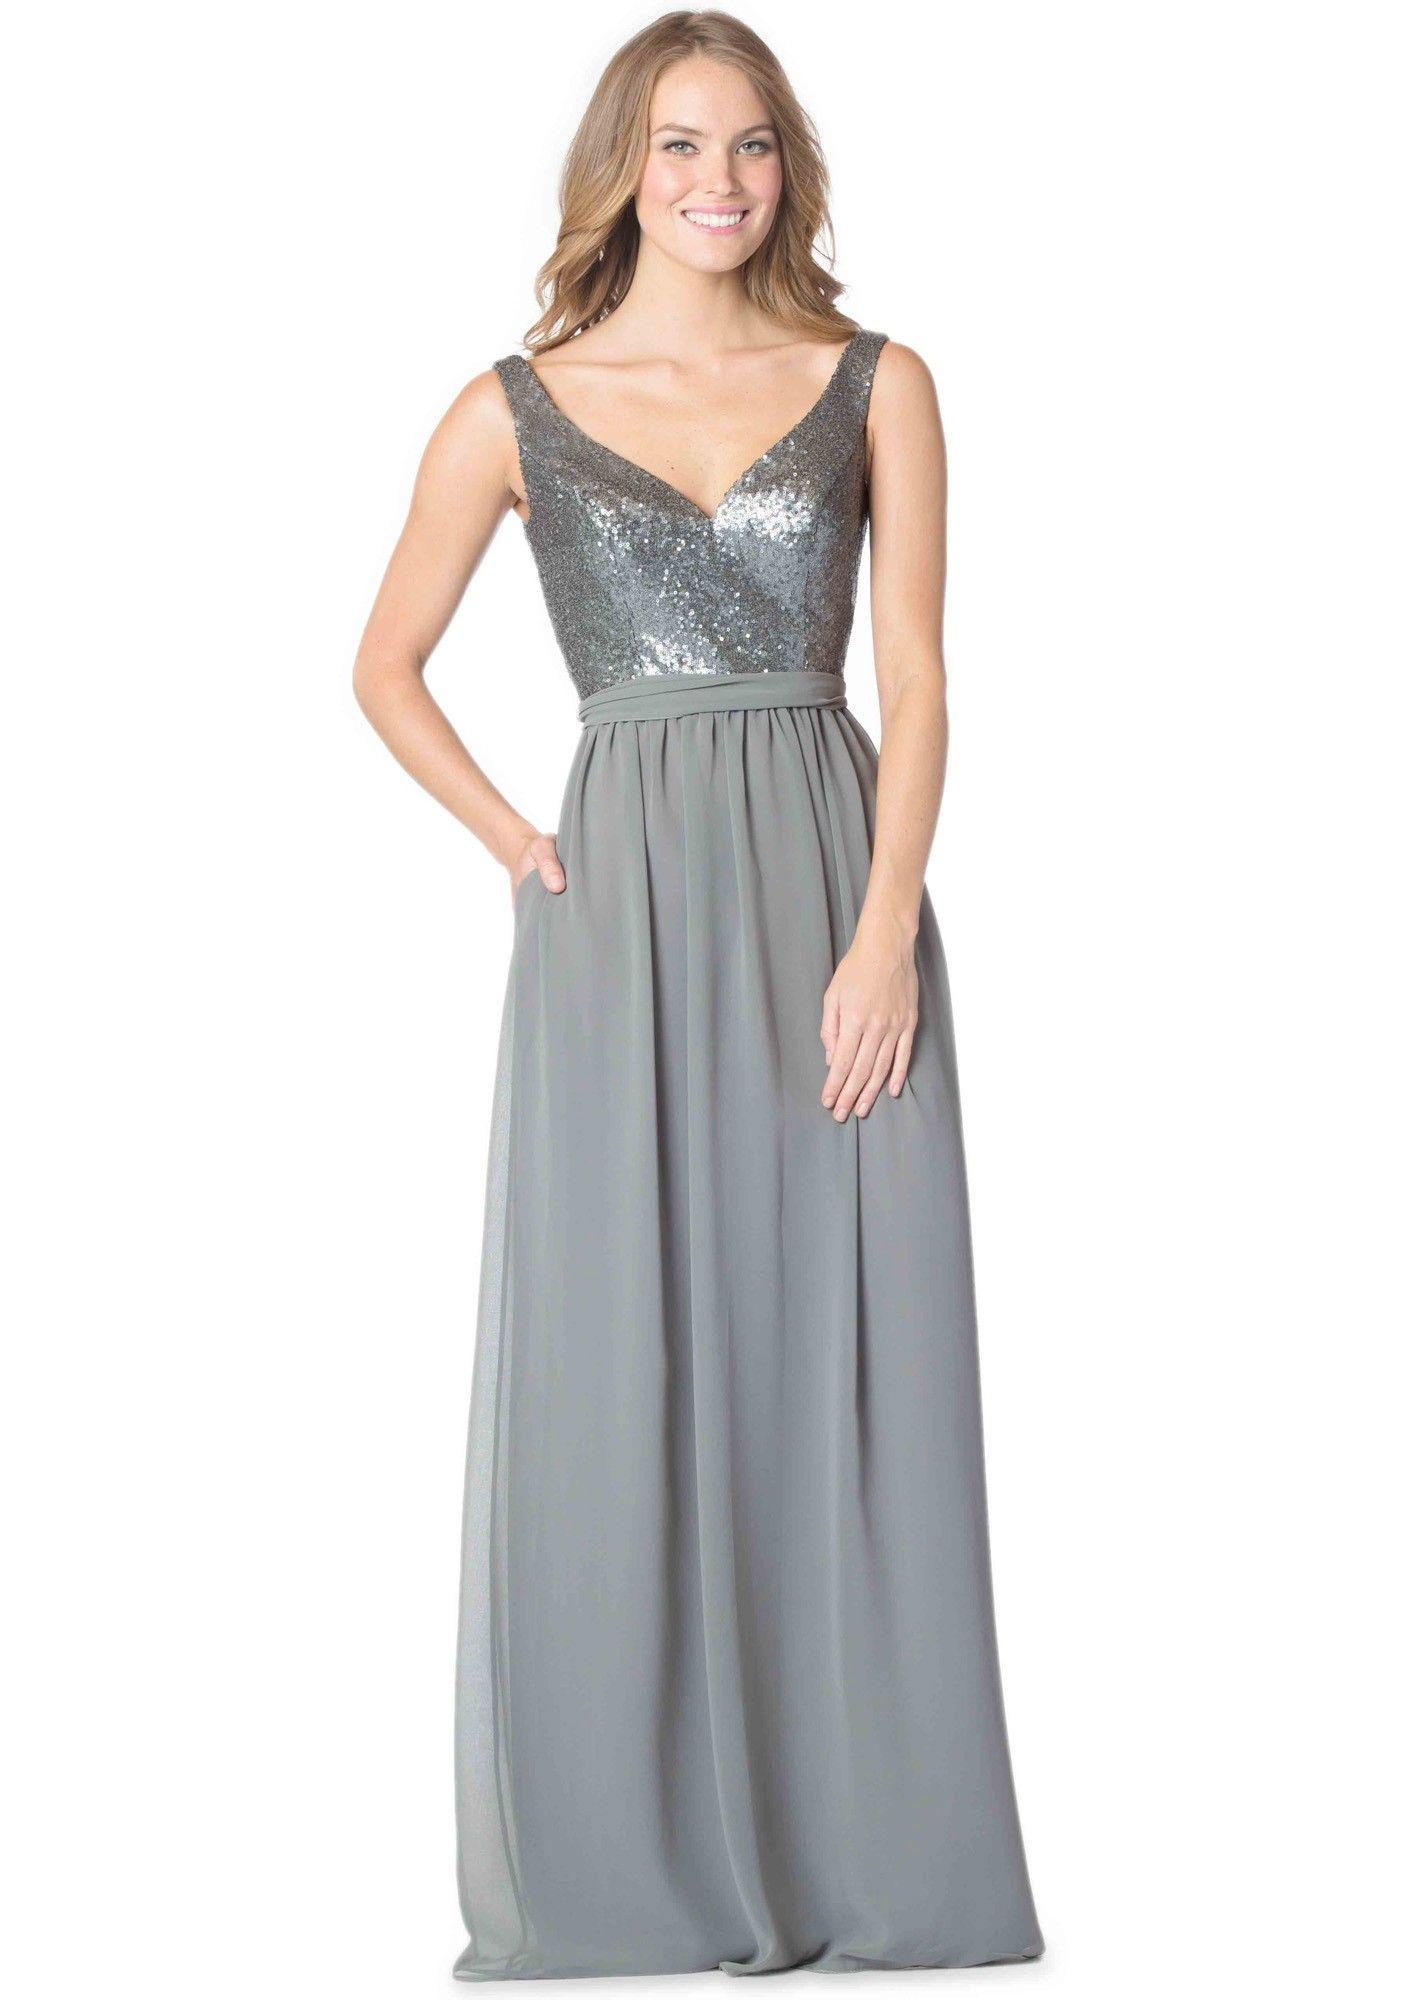 Bari Jay 1613 Elegant Sequin & Chiffon Bridesmaid Dress | Bari jay ...